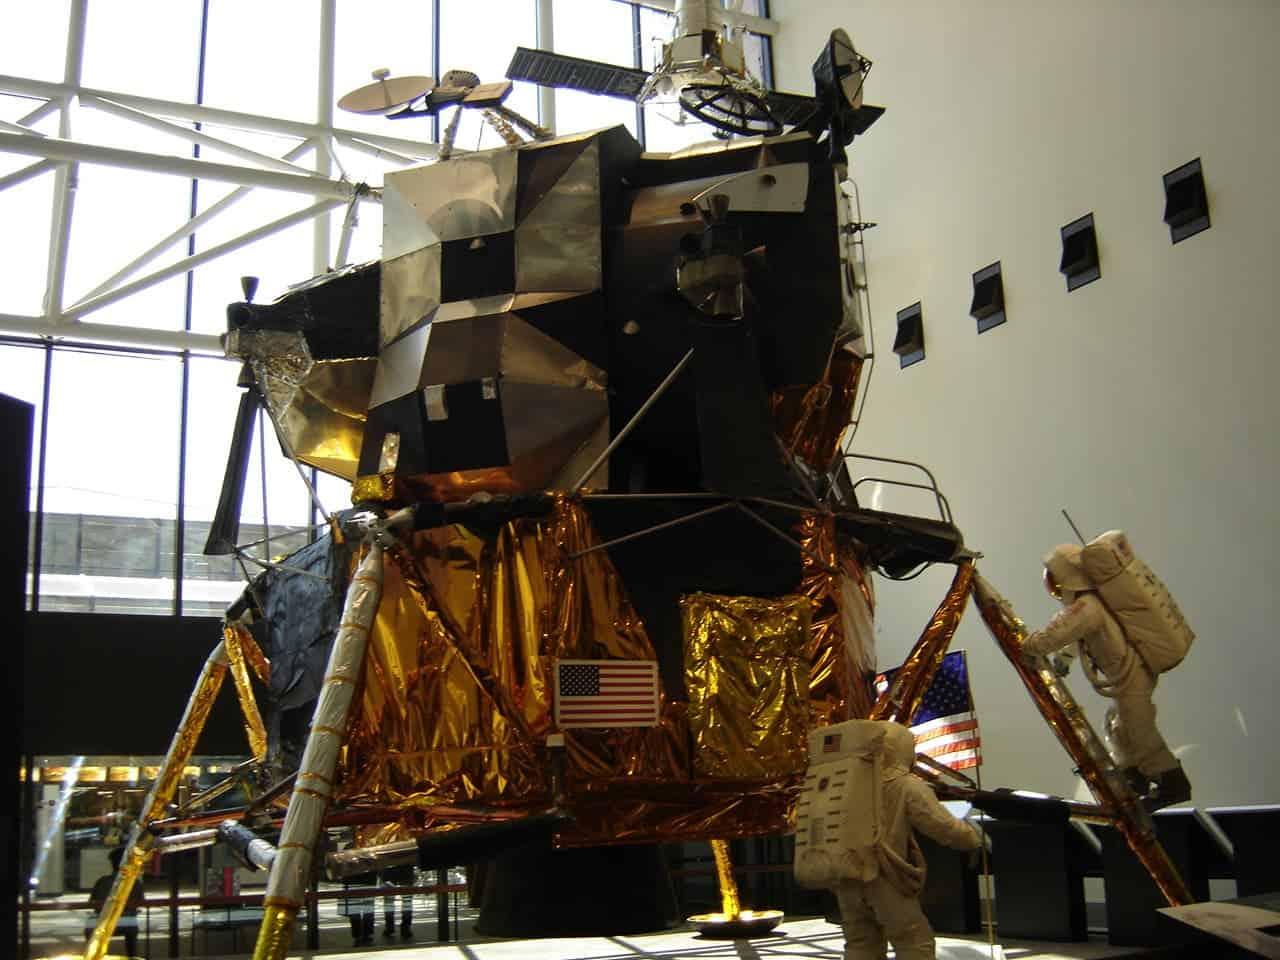 lunar module in space - photo #15